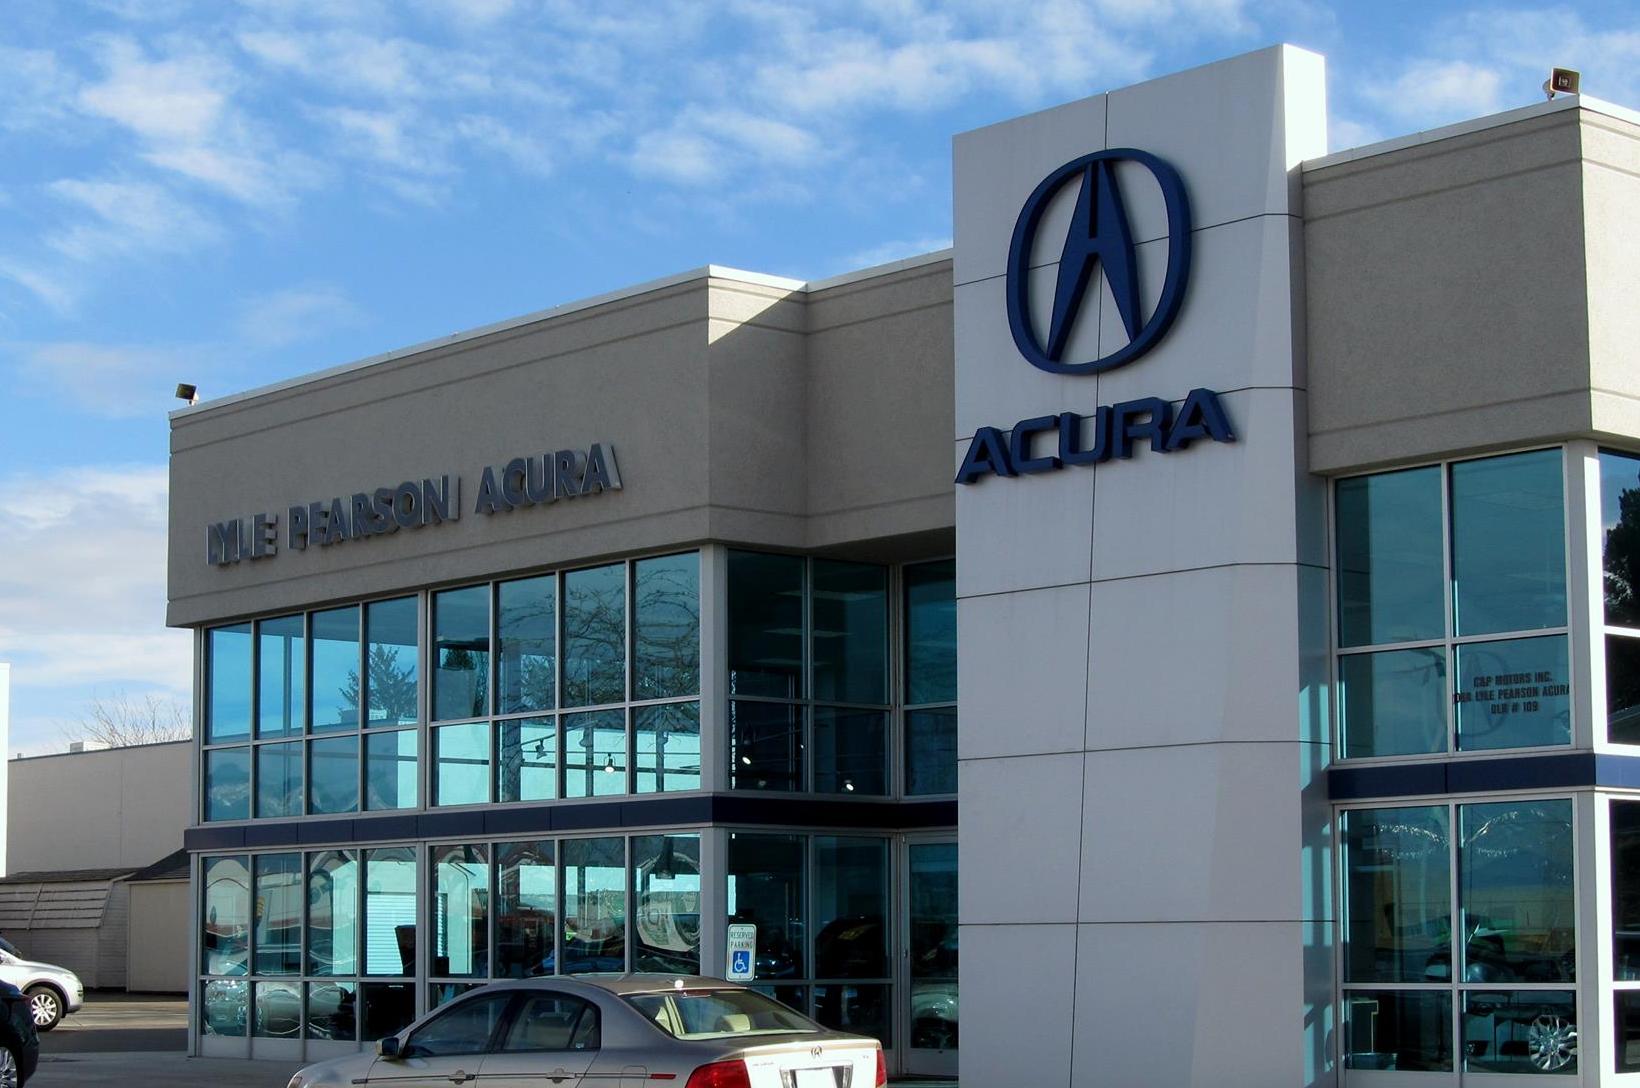 Acura Near Me >> Acura Dealer Near Me Lyle Pearson Acura